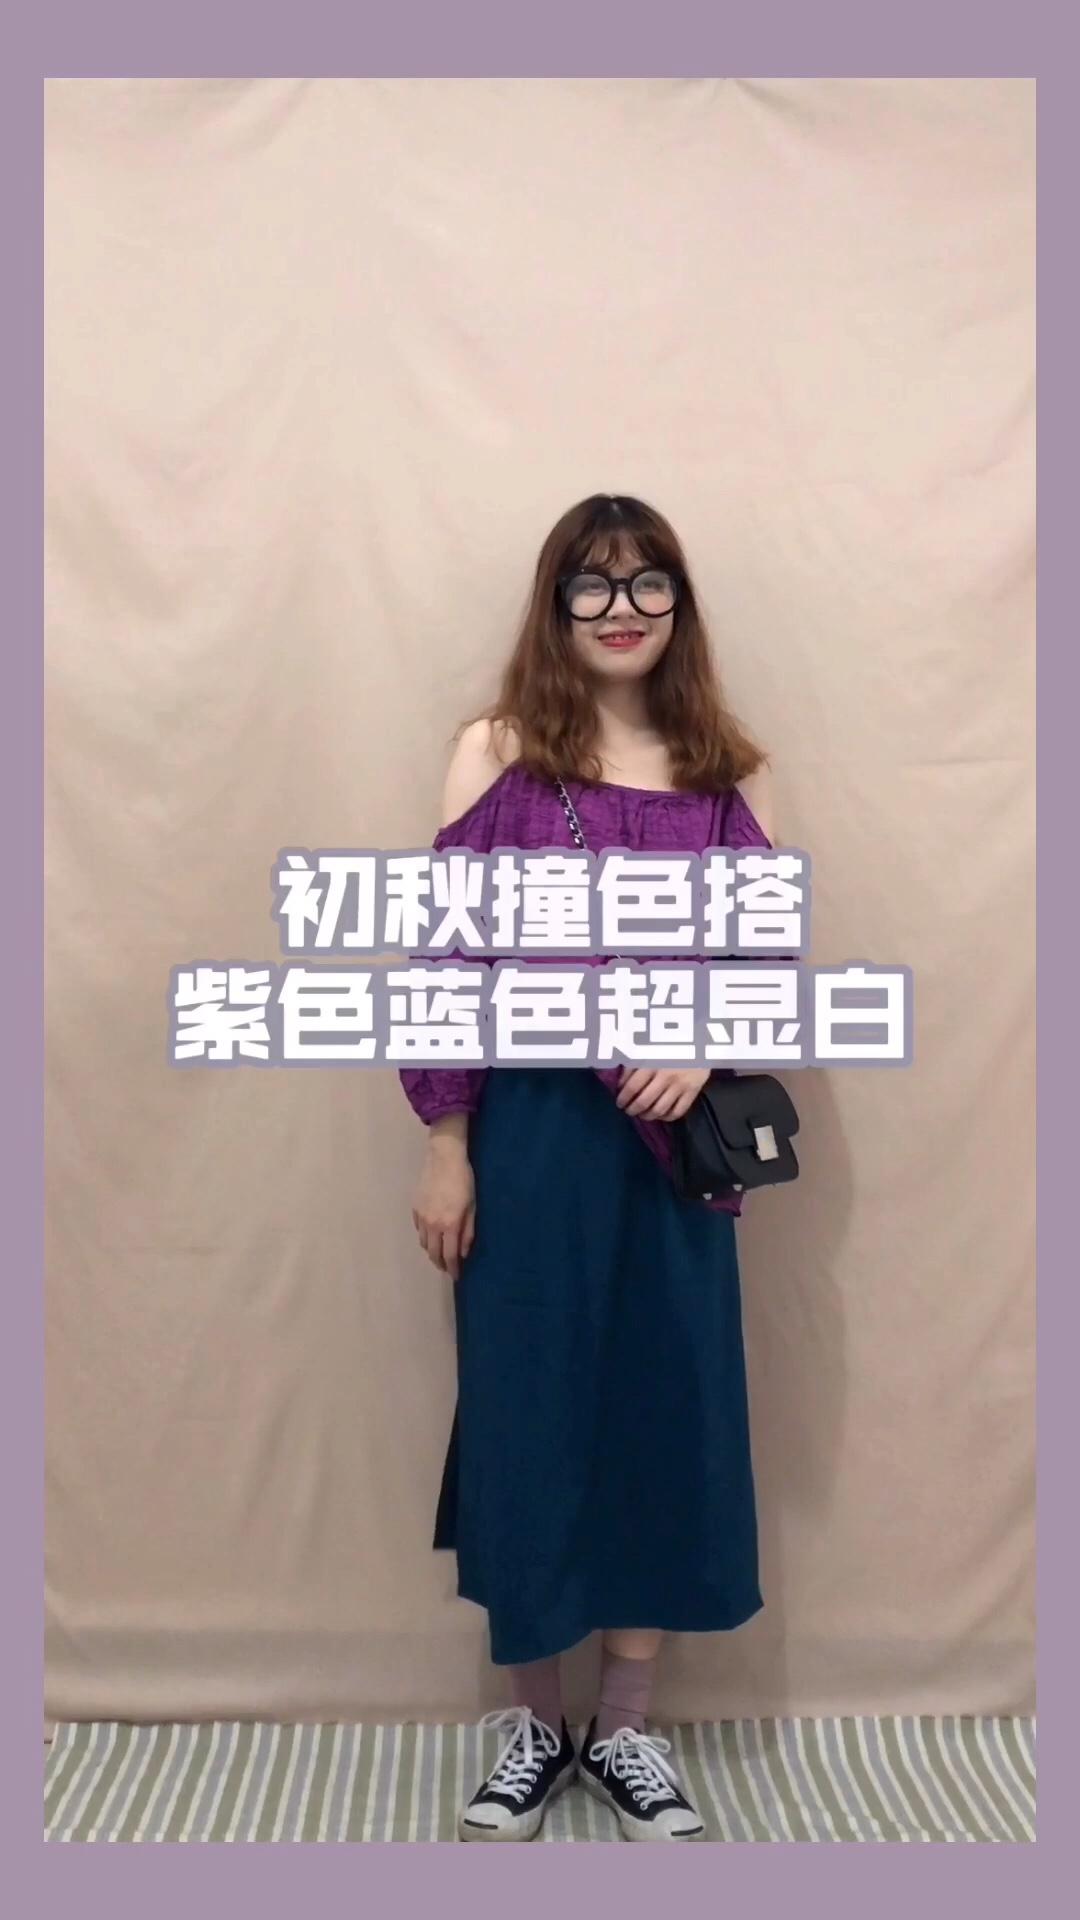 #2019早秋流行第一弹# 初秋撞色搭配,显白满分💯。紫葡萄色🍇的露肩上衣和蓝莓蓝色的丝绸感半身裙真的的颜色的绝搭,把两种高饱和度水果穿身上的感觉真的好神奇哈哈哈。特别要提一提这件上衣,露肩的设计带着丝丝小性感又不是少女的可爱,我太喜欢啦!